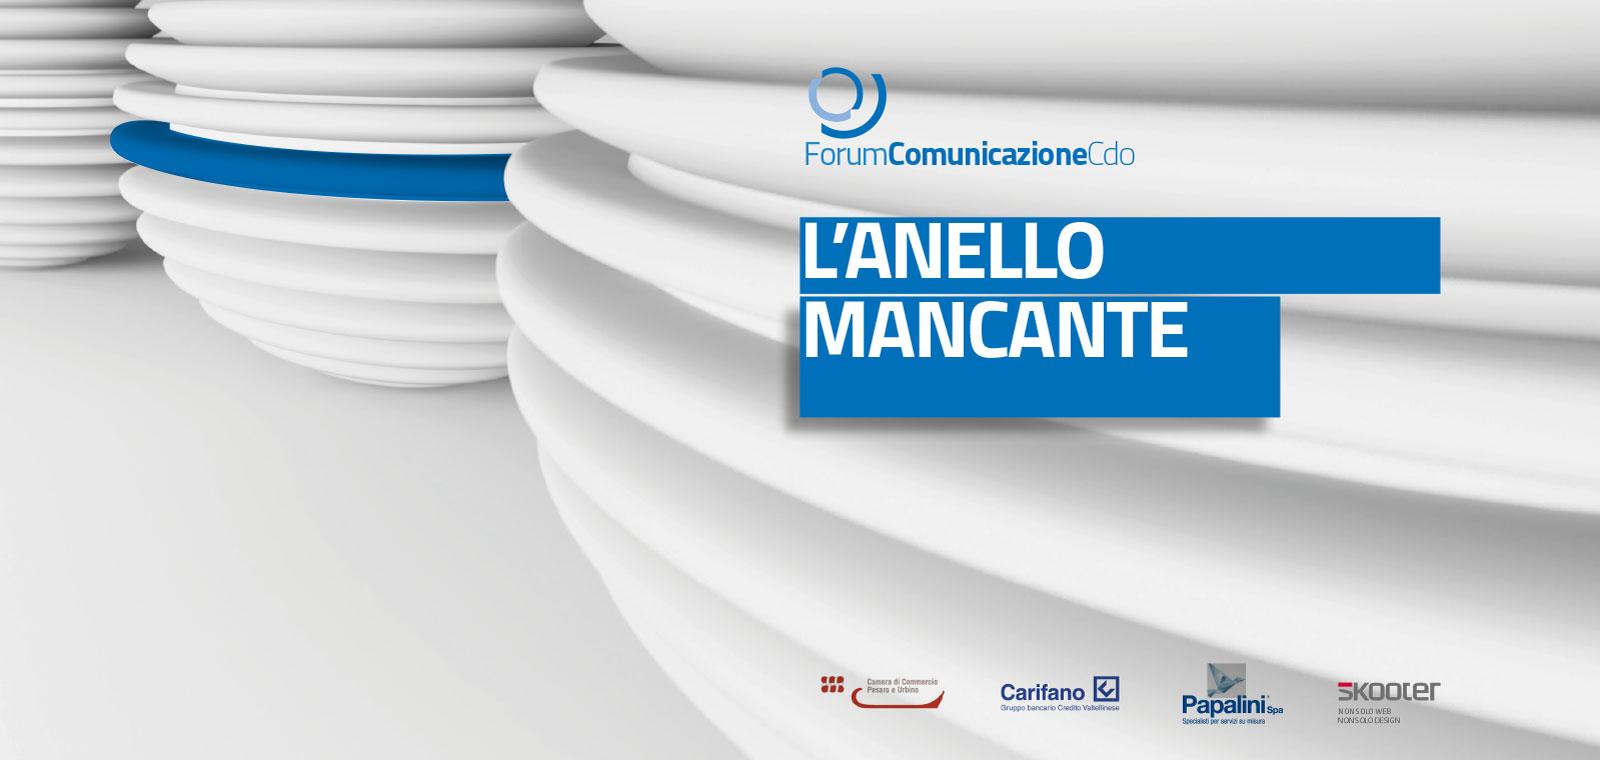 Forum Comunicazione